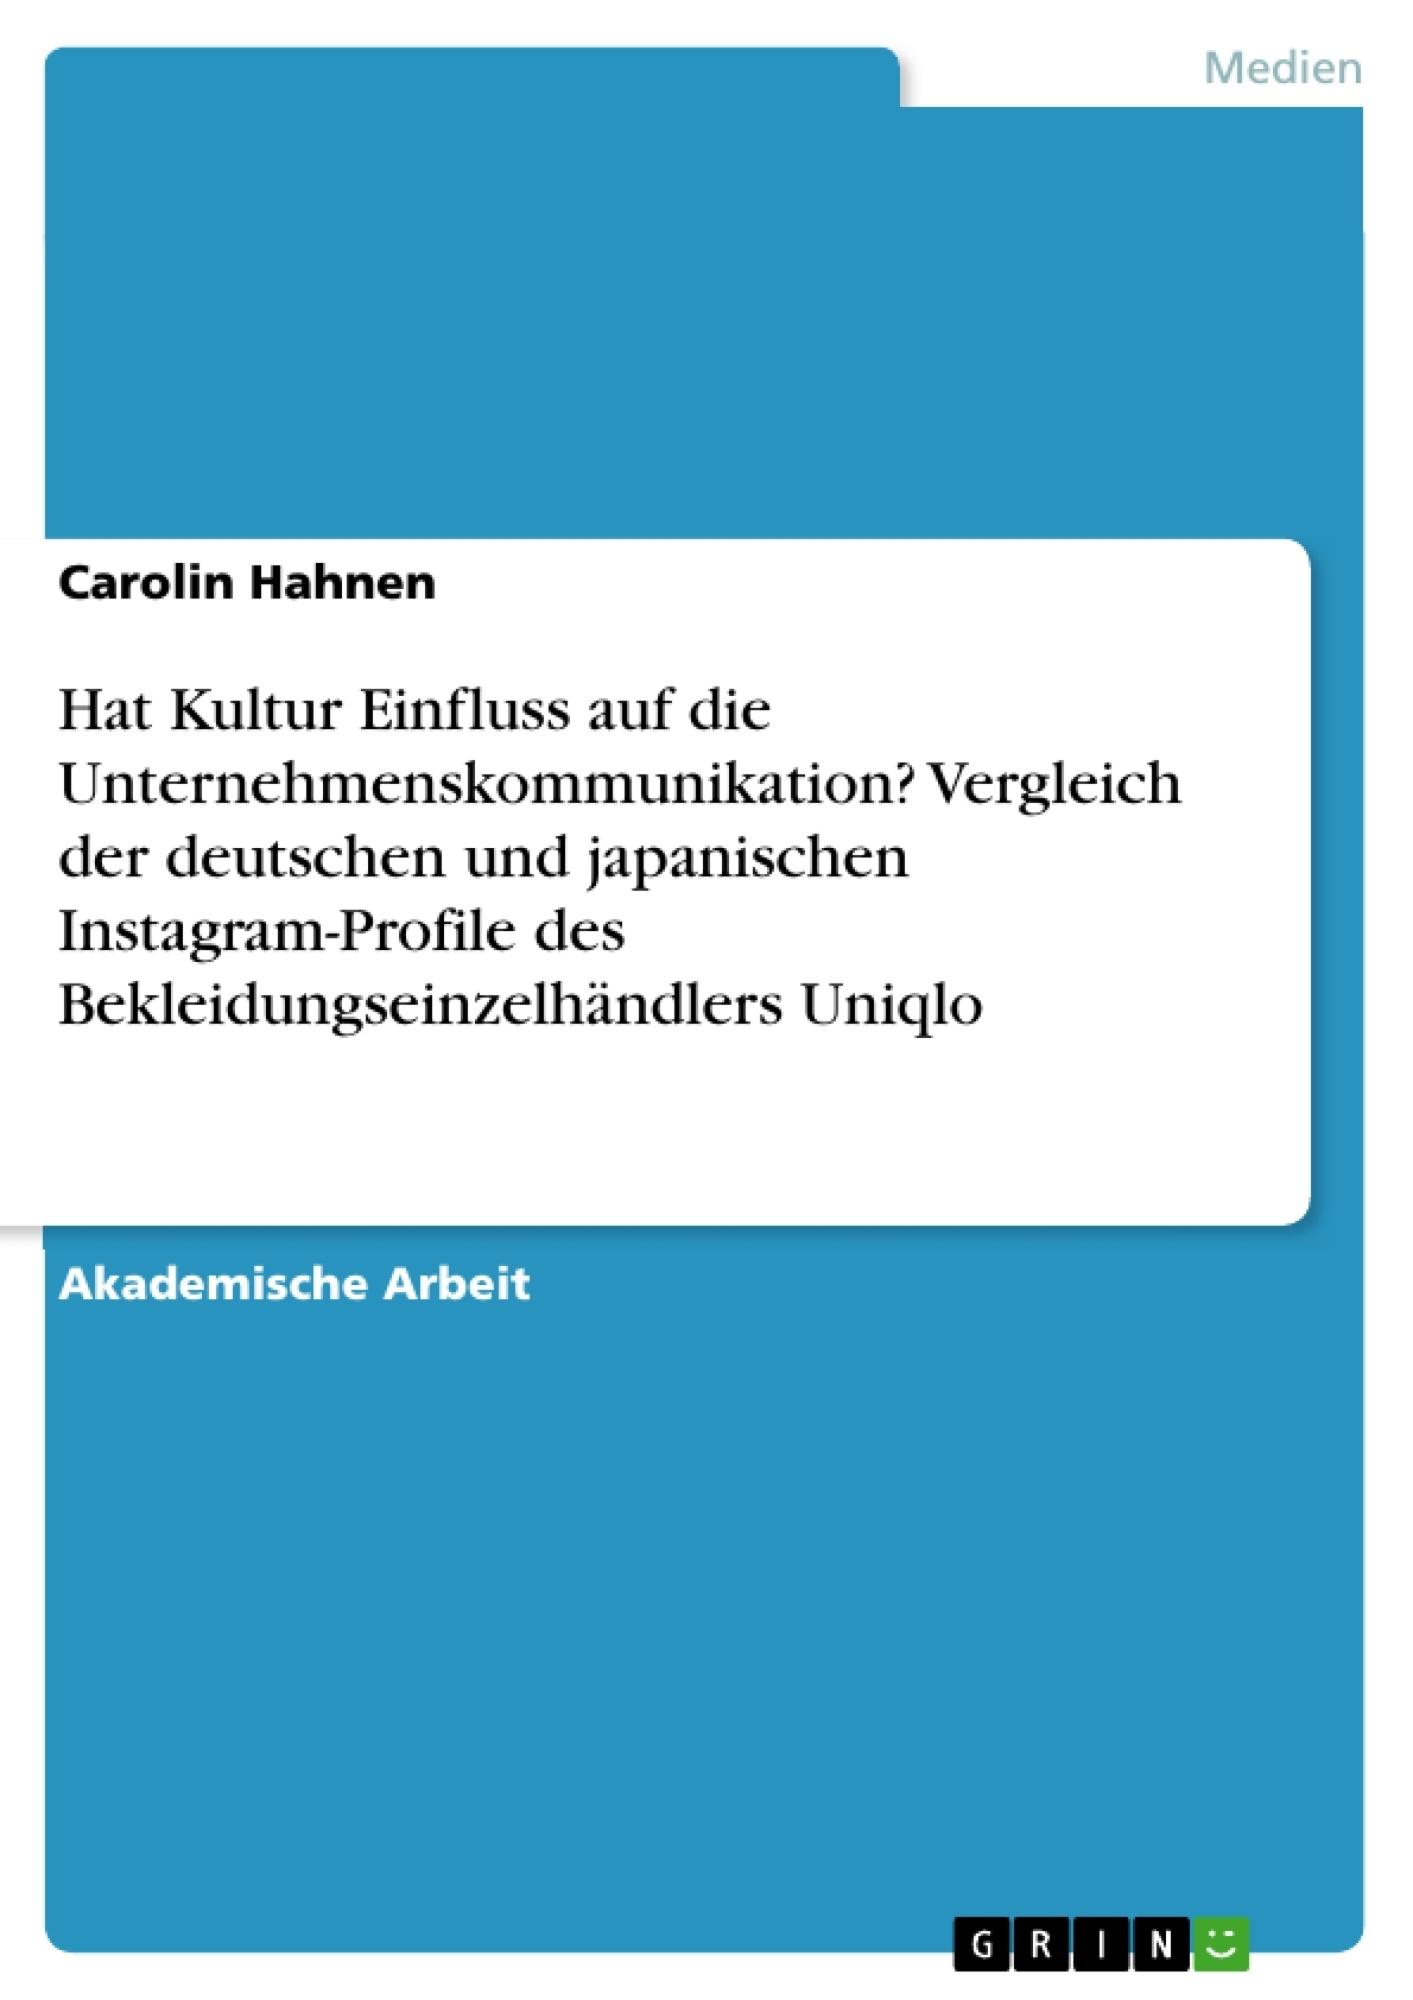 Titel: Hat Kultur Einfluss auf die Unternehmenskommunikation? Vergleich der deutschen und japanischen Instagram-Profile des Bekleidungseinzelhändlers Uniqlo